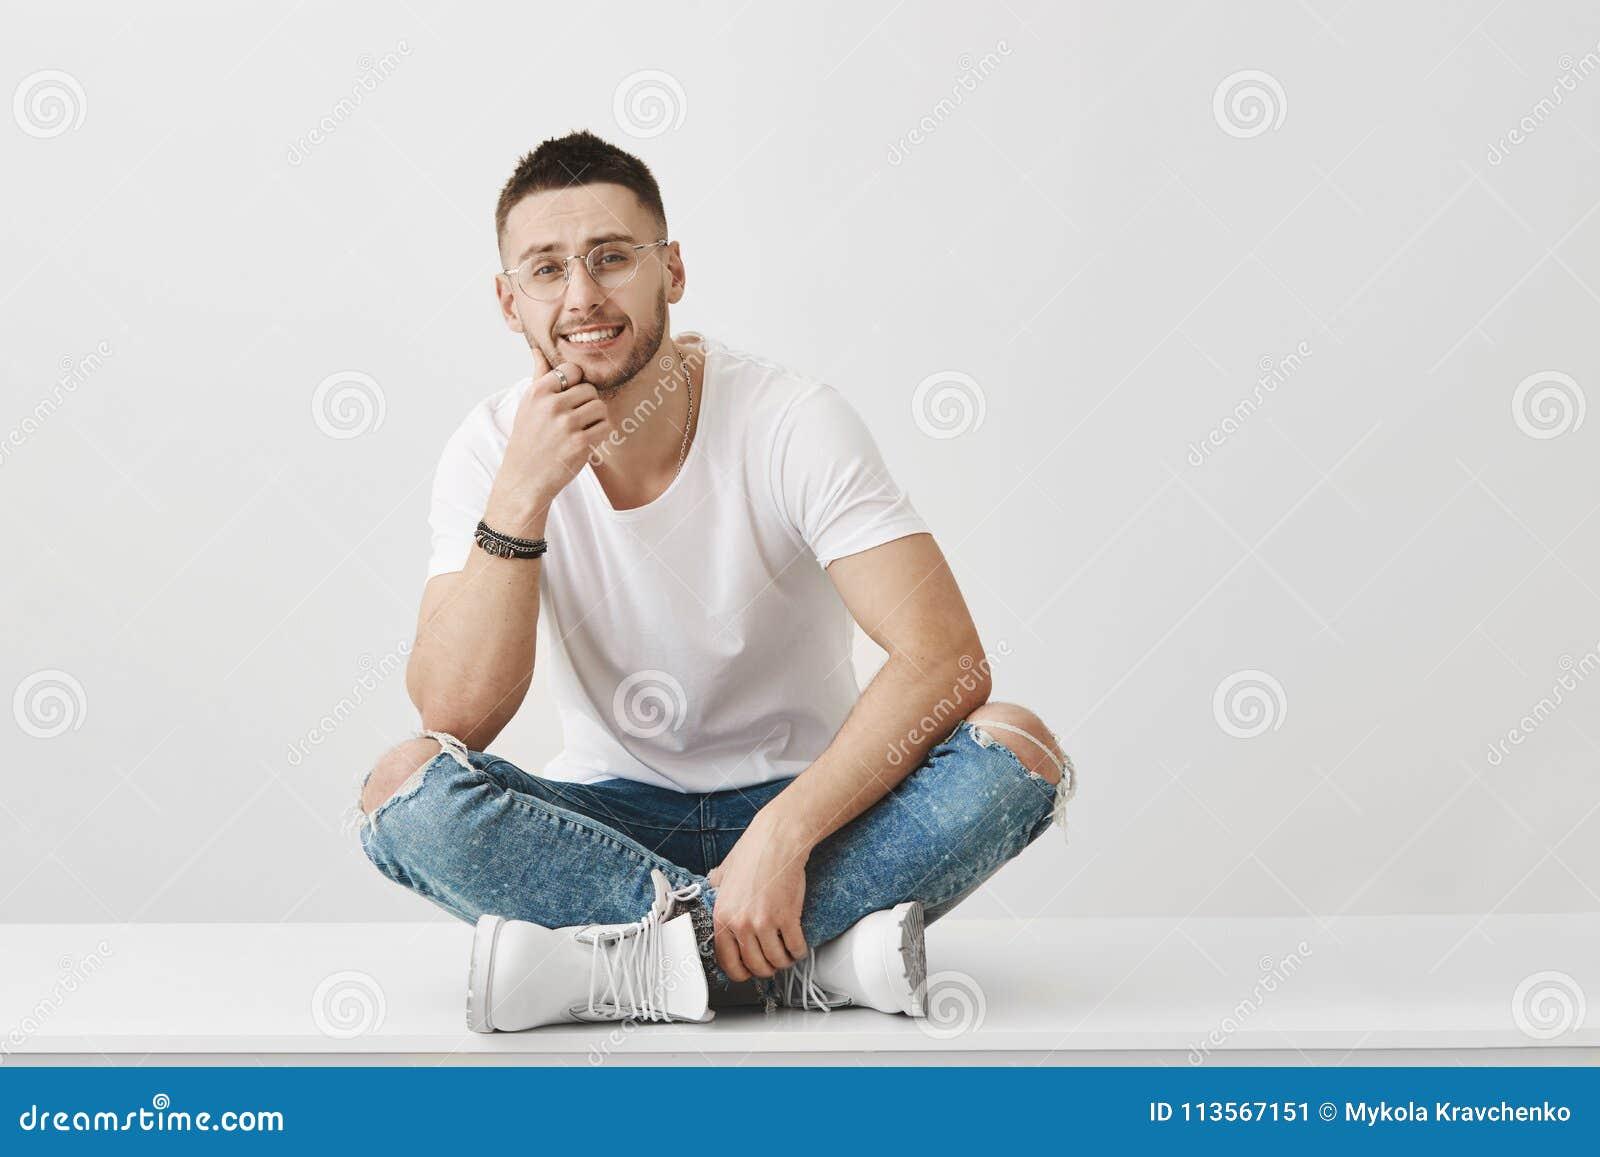 人尝试是礼貌,但是懊恼人谈的胡话 坐与盘的腿的美丽的欧洲人画象